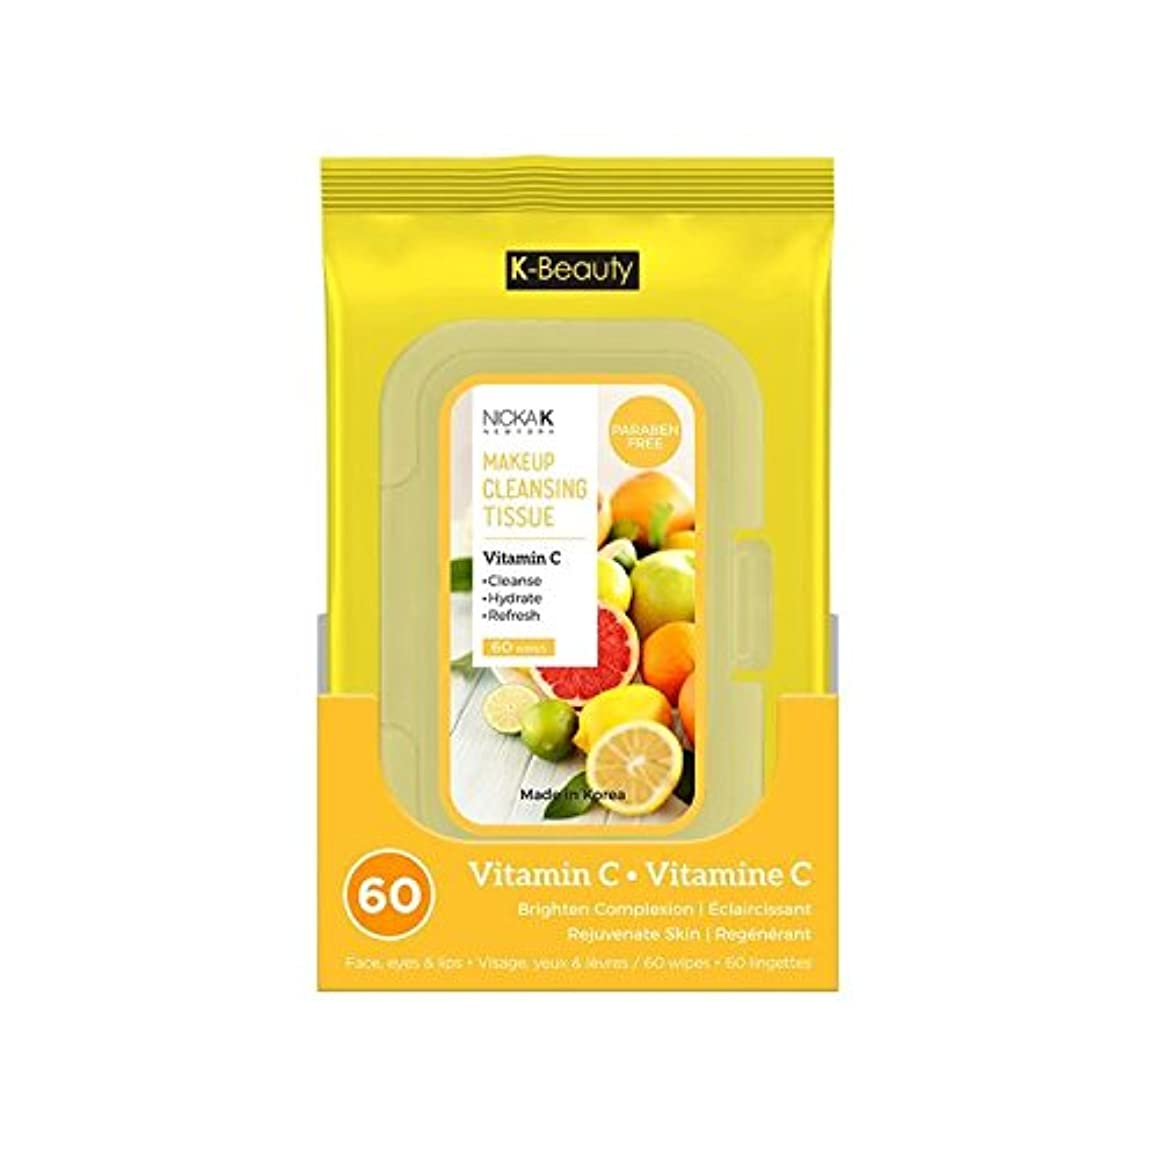 効能ある預言者白い(3 Pack) NICKA K Make Up Cleansing Tissue - Vitamin C (並行輸入品)